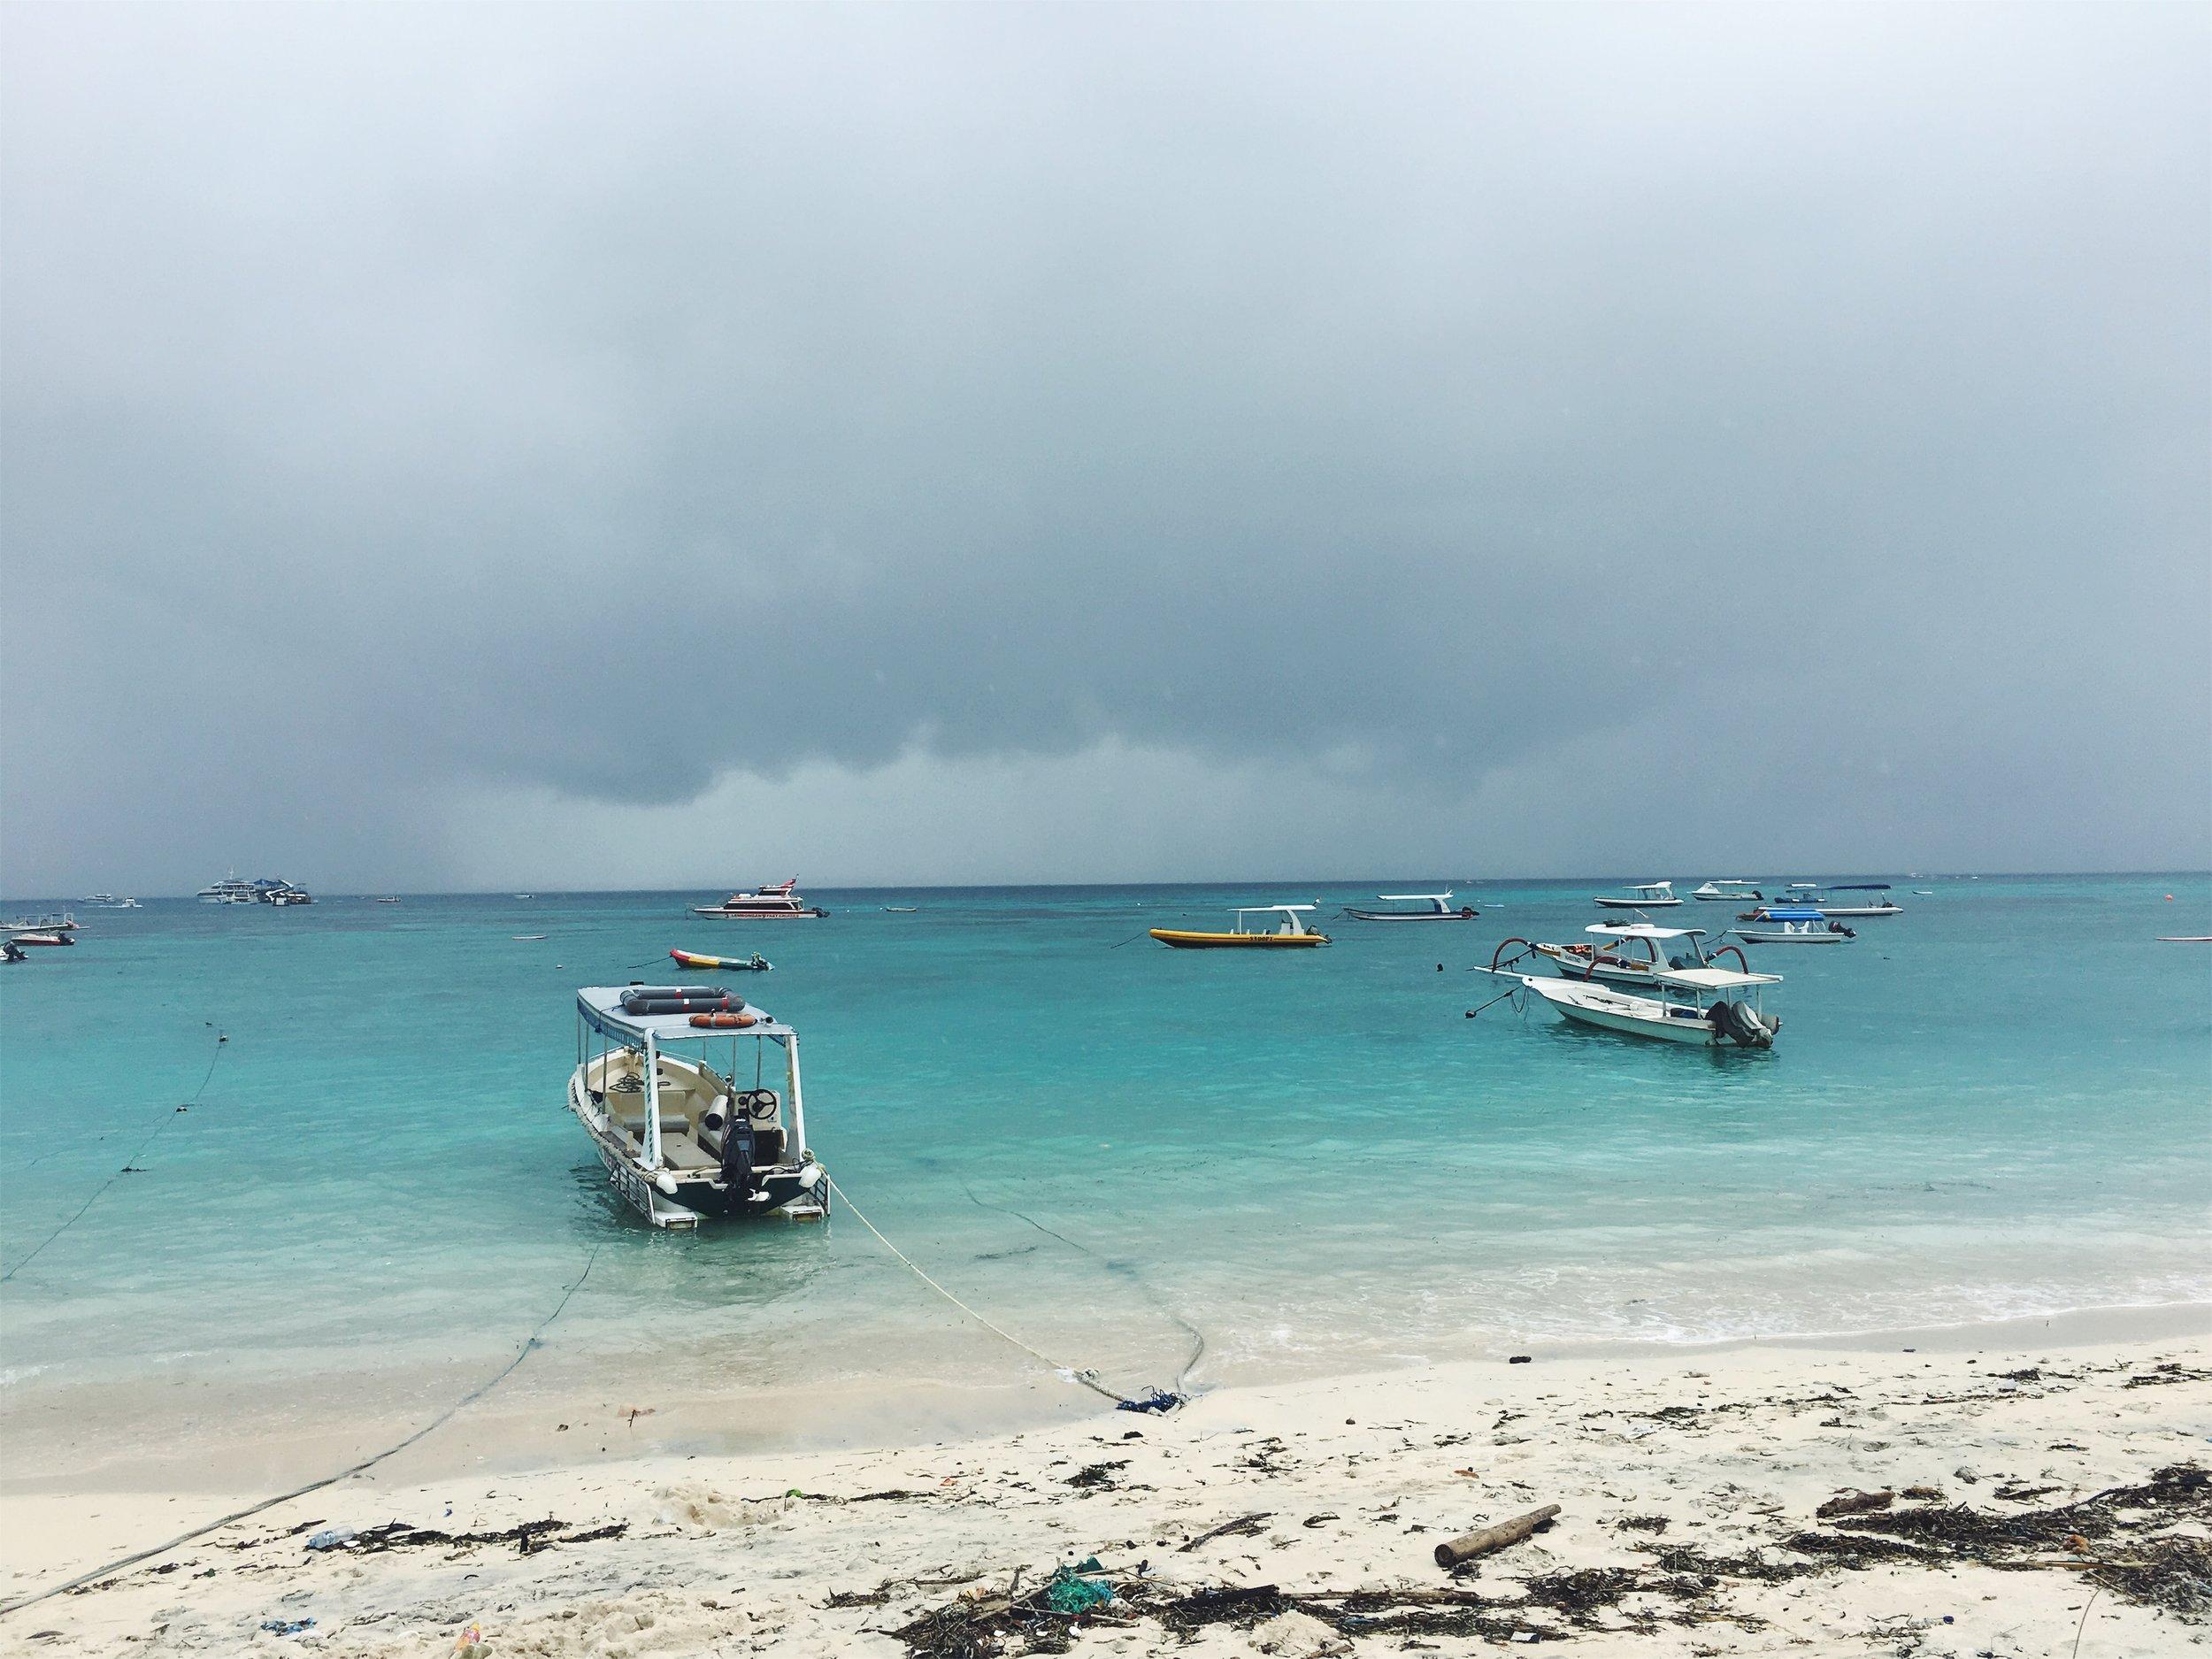 Bali-boats.jpg